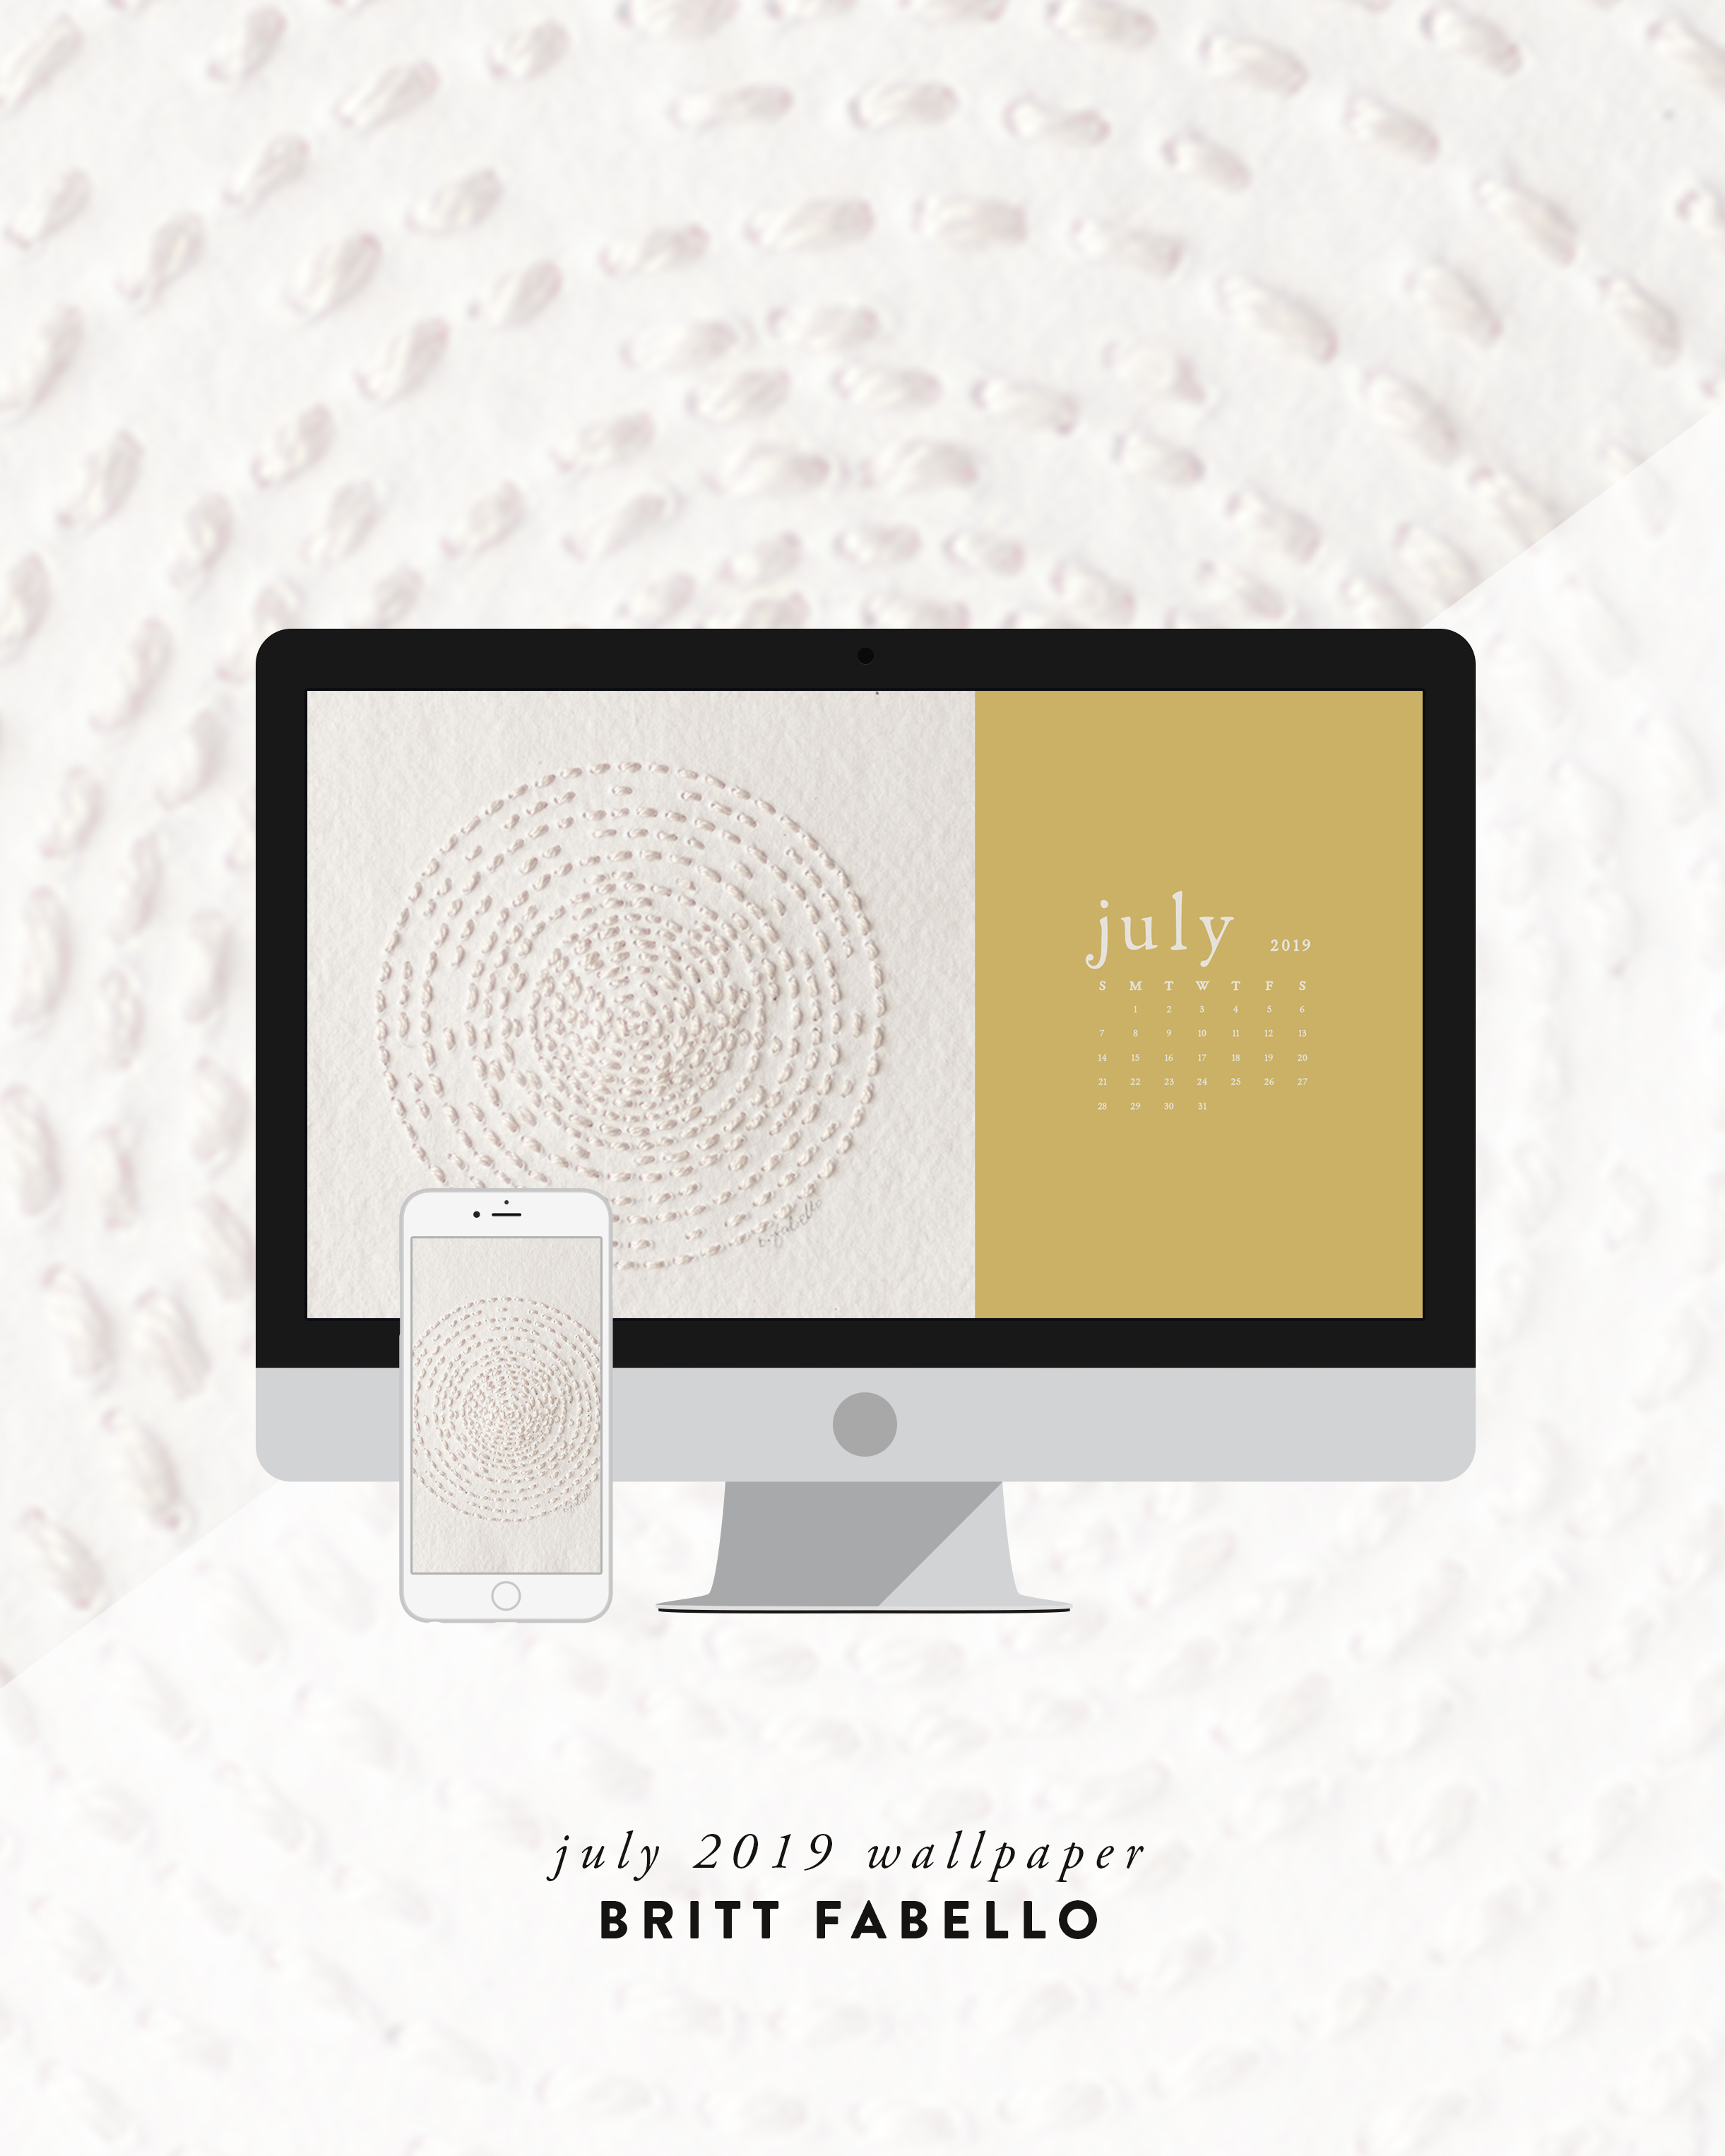 Wallpaper: July 2019 Calendar & Artwork | Computer and Phone | Britt Fabello